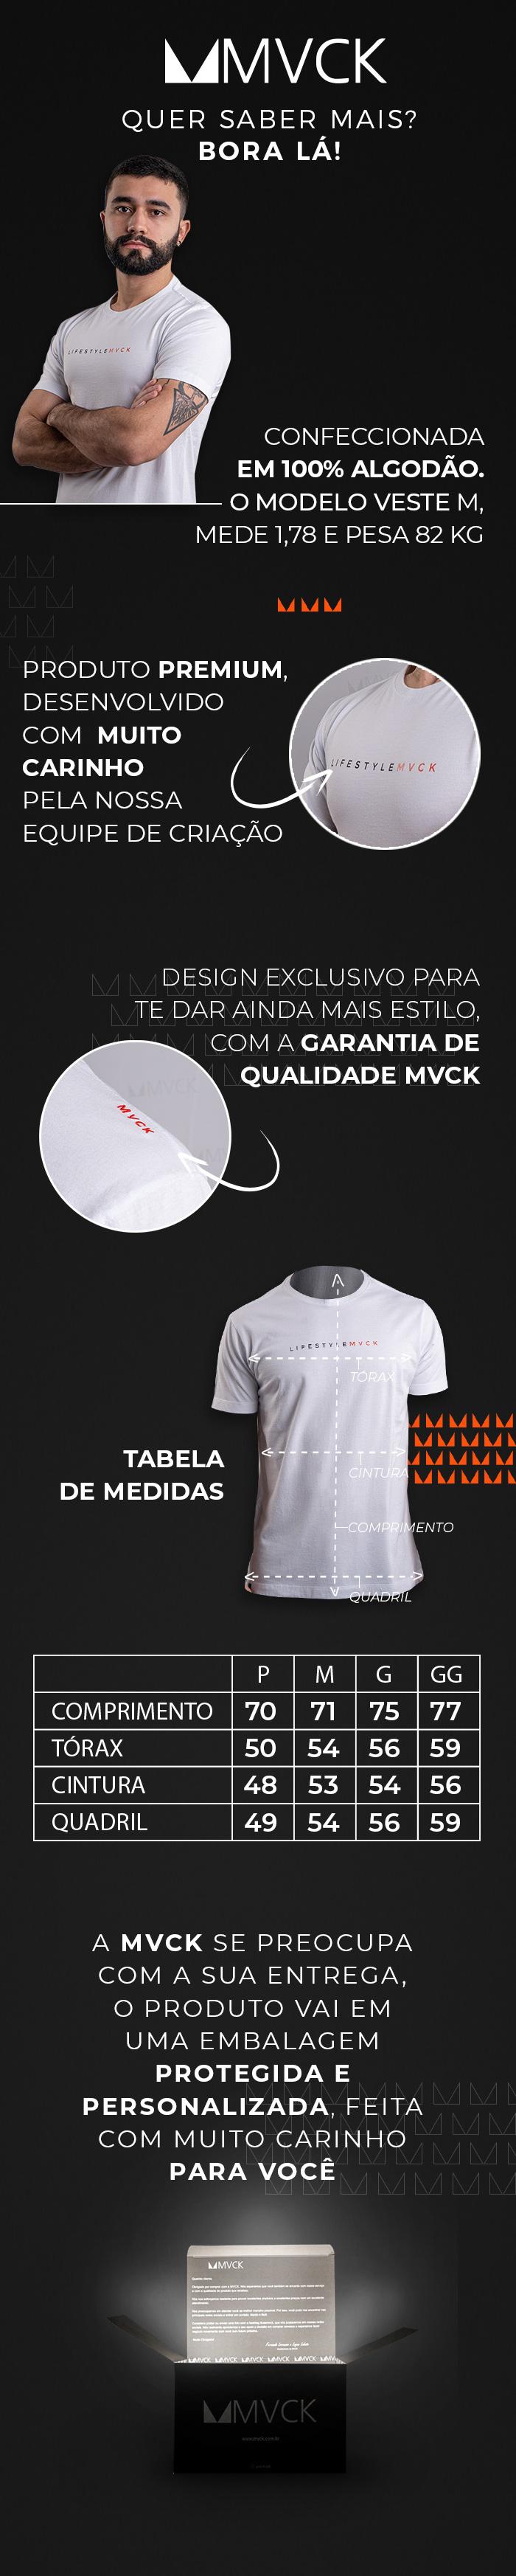 Descrição Camiseta Masculina Branca Lifestyle